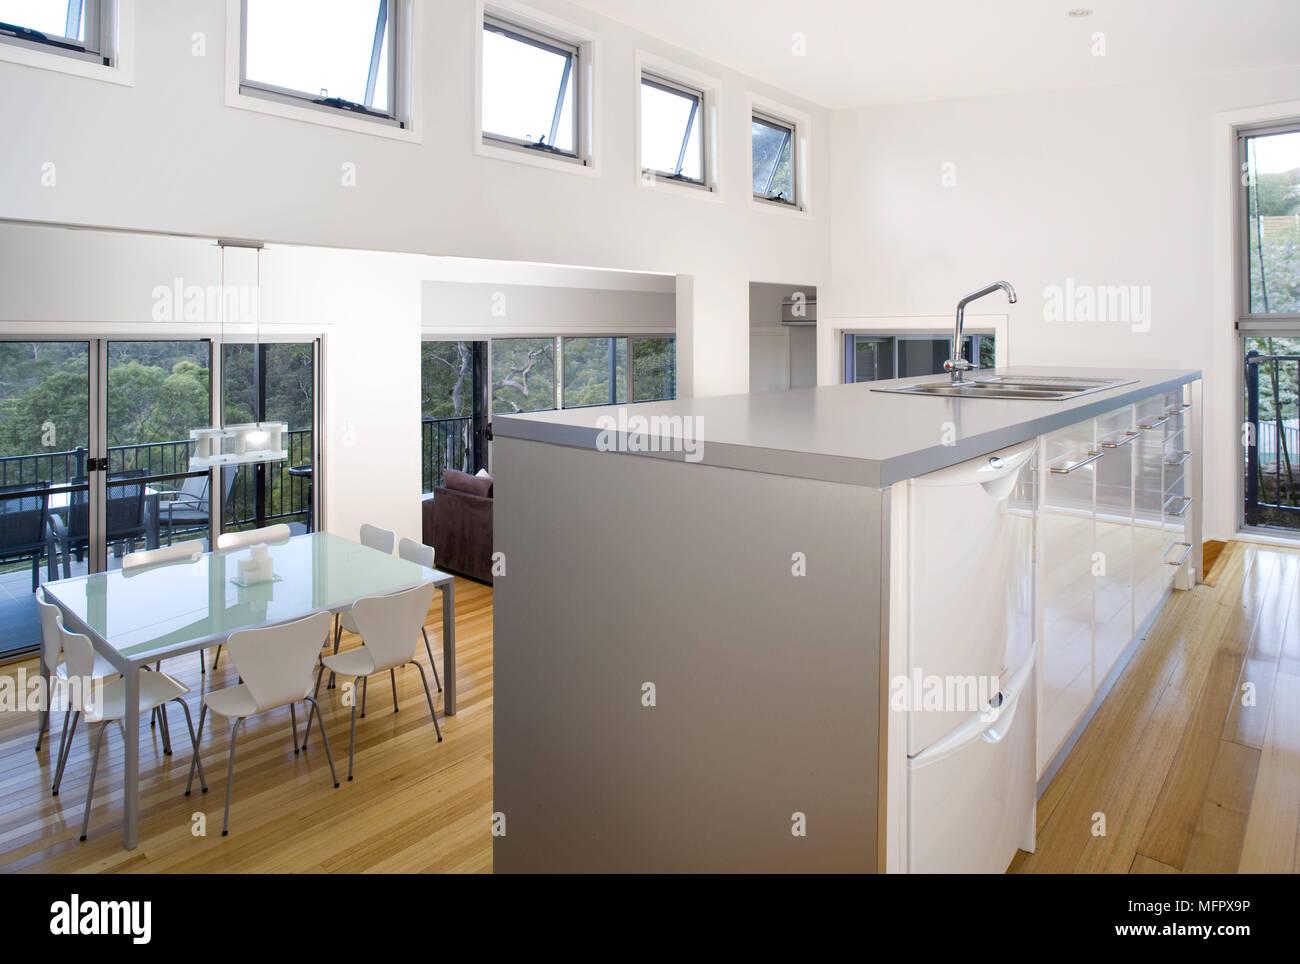 Mesa Para Lavabos Modernos.Lavabo En Isla Central Unidad En Cocina Moderna Con Vistas A